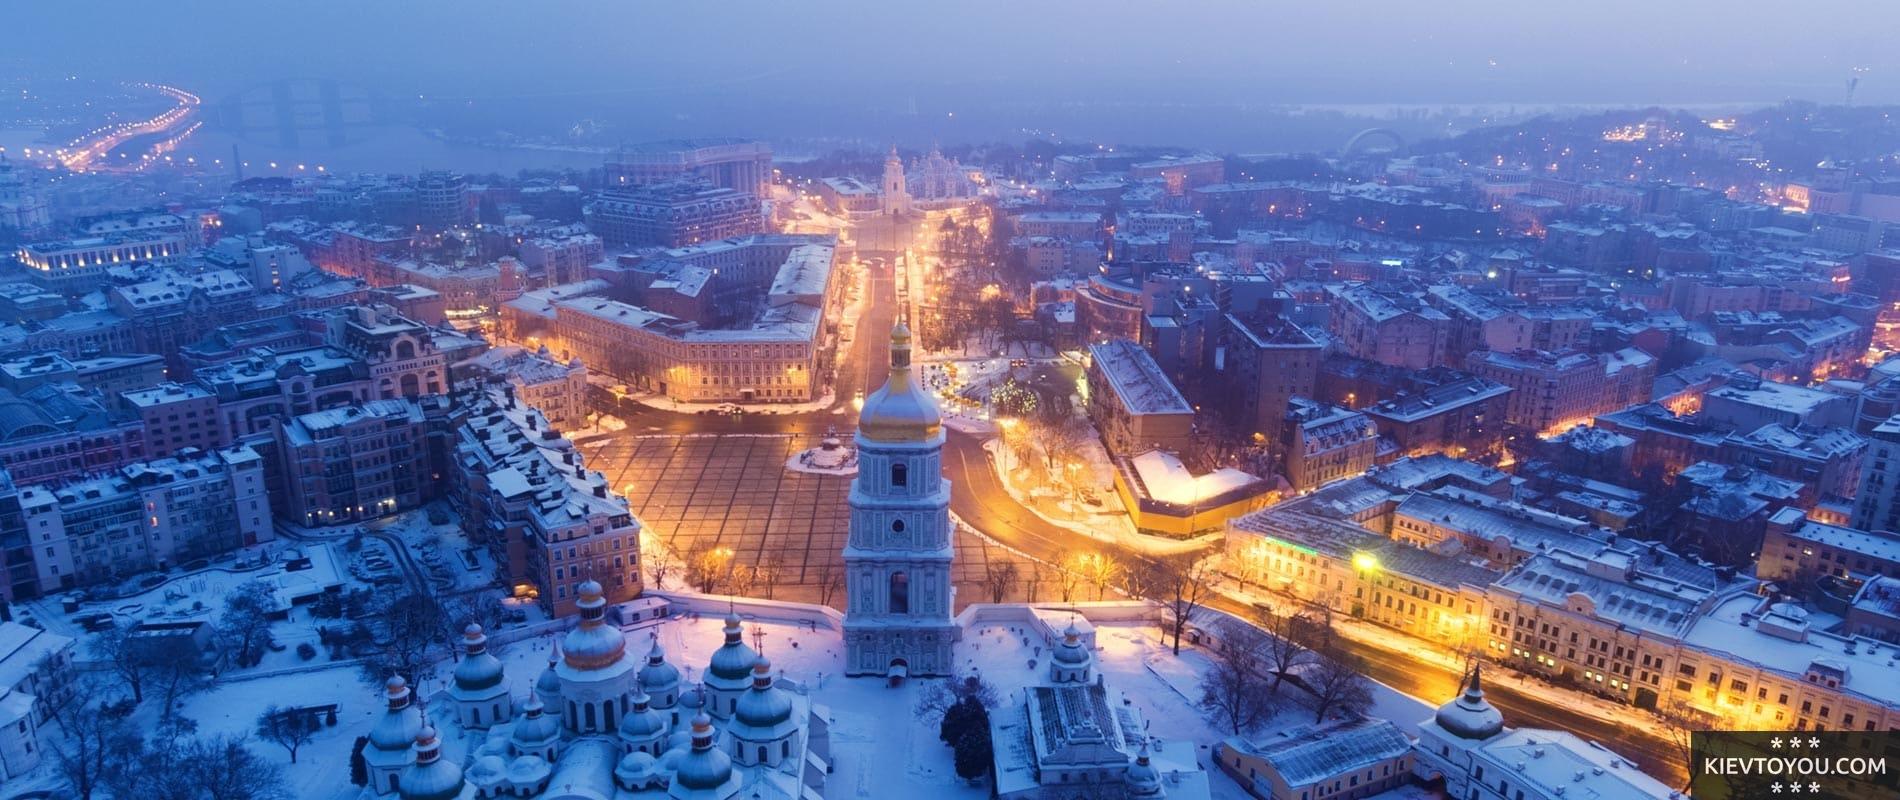 Вид на Софийскую колокольню в Киеве зимой